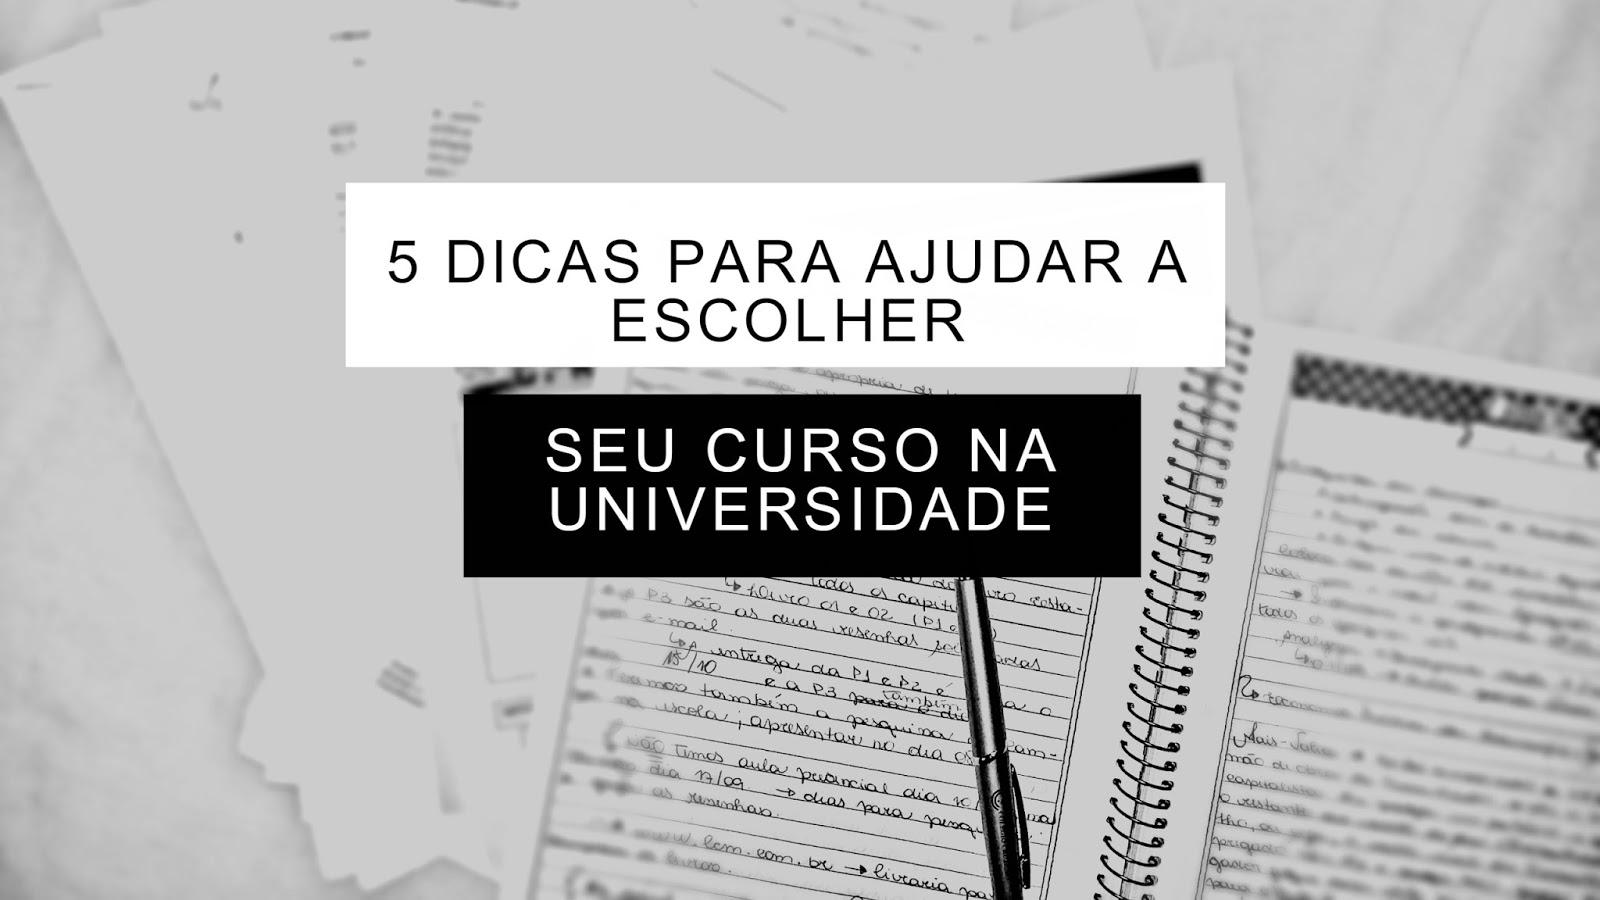 5 DICAS PARA AJUDAR A ESCOLHER SEU CURSO NA UNIVERSIDADE | BLOG CONFIDENT